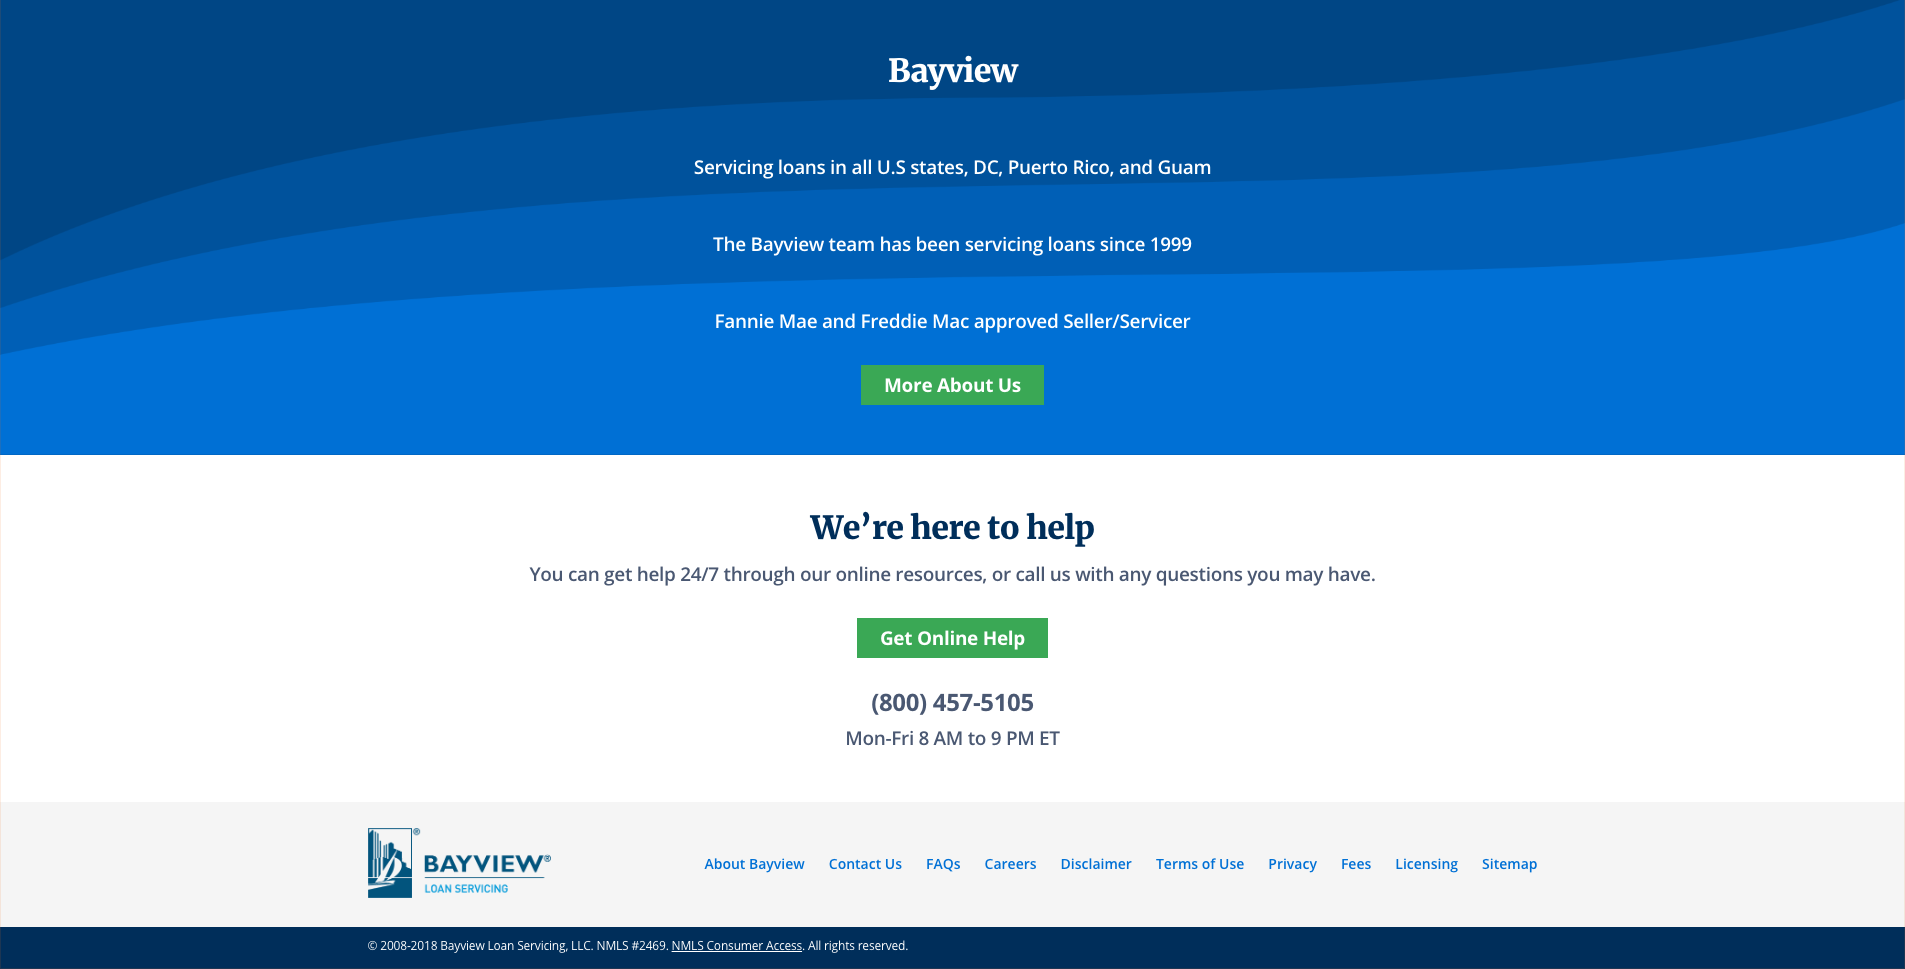 bayview - iGreen Marketing